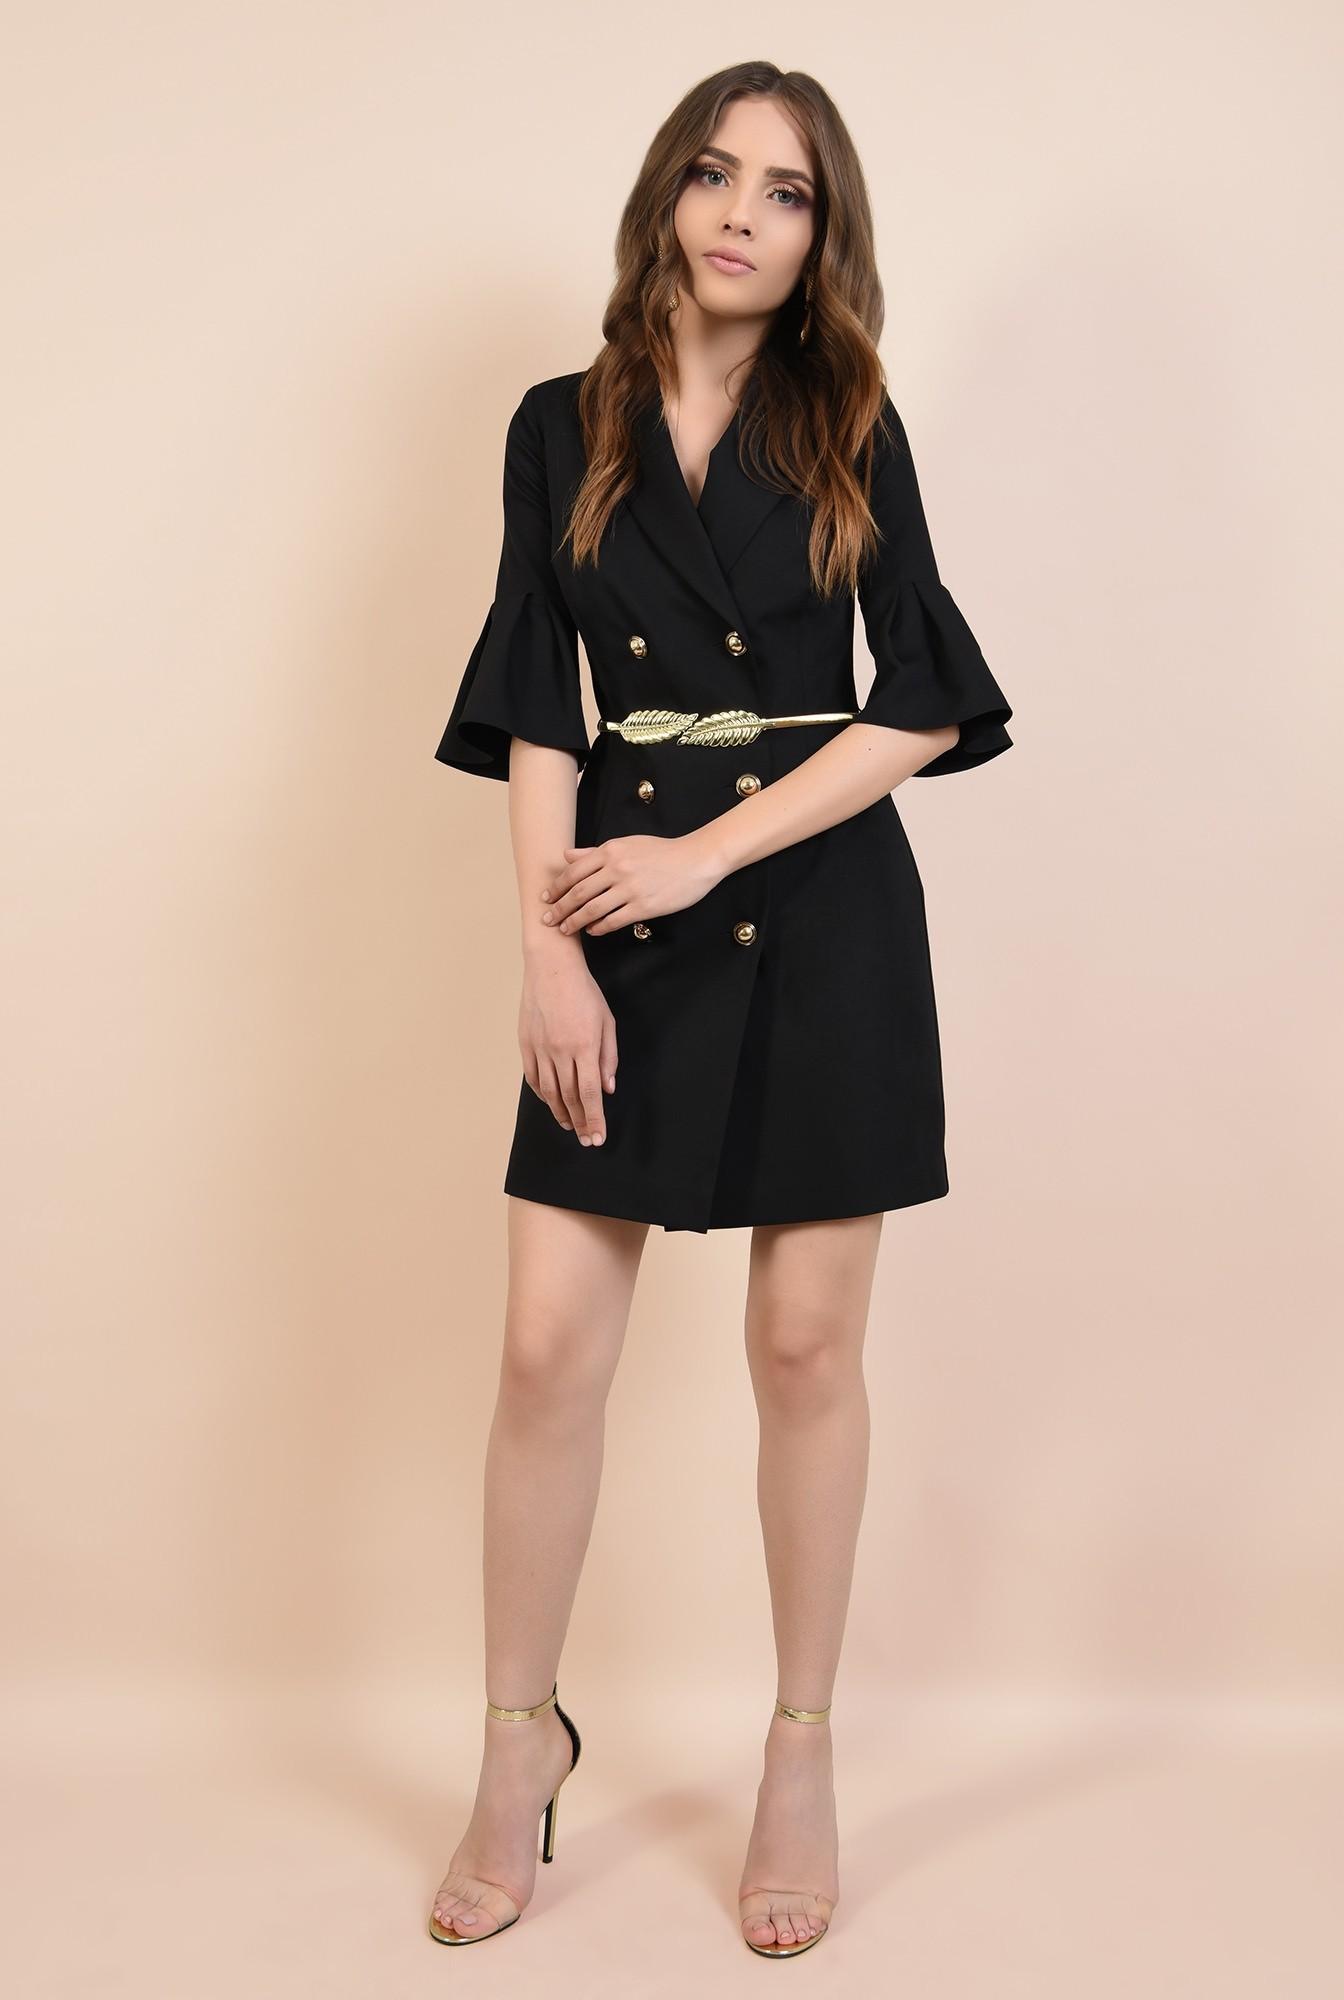 3 - rochie de seara, mini, neagra, maneci peplum, revere crestate